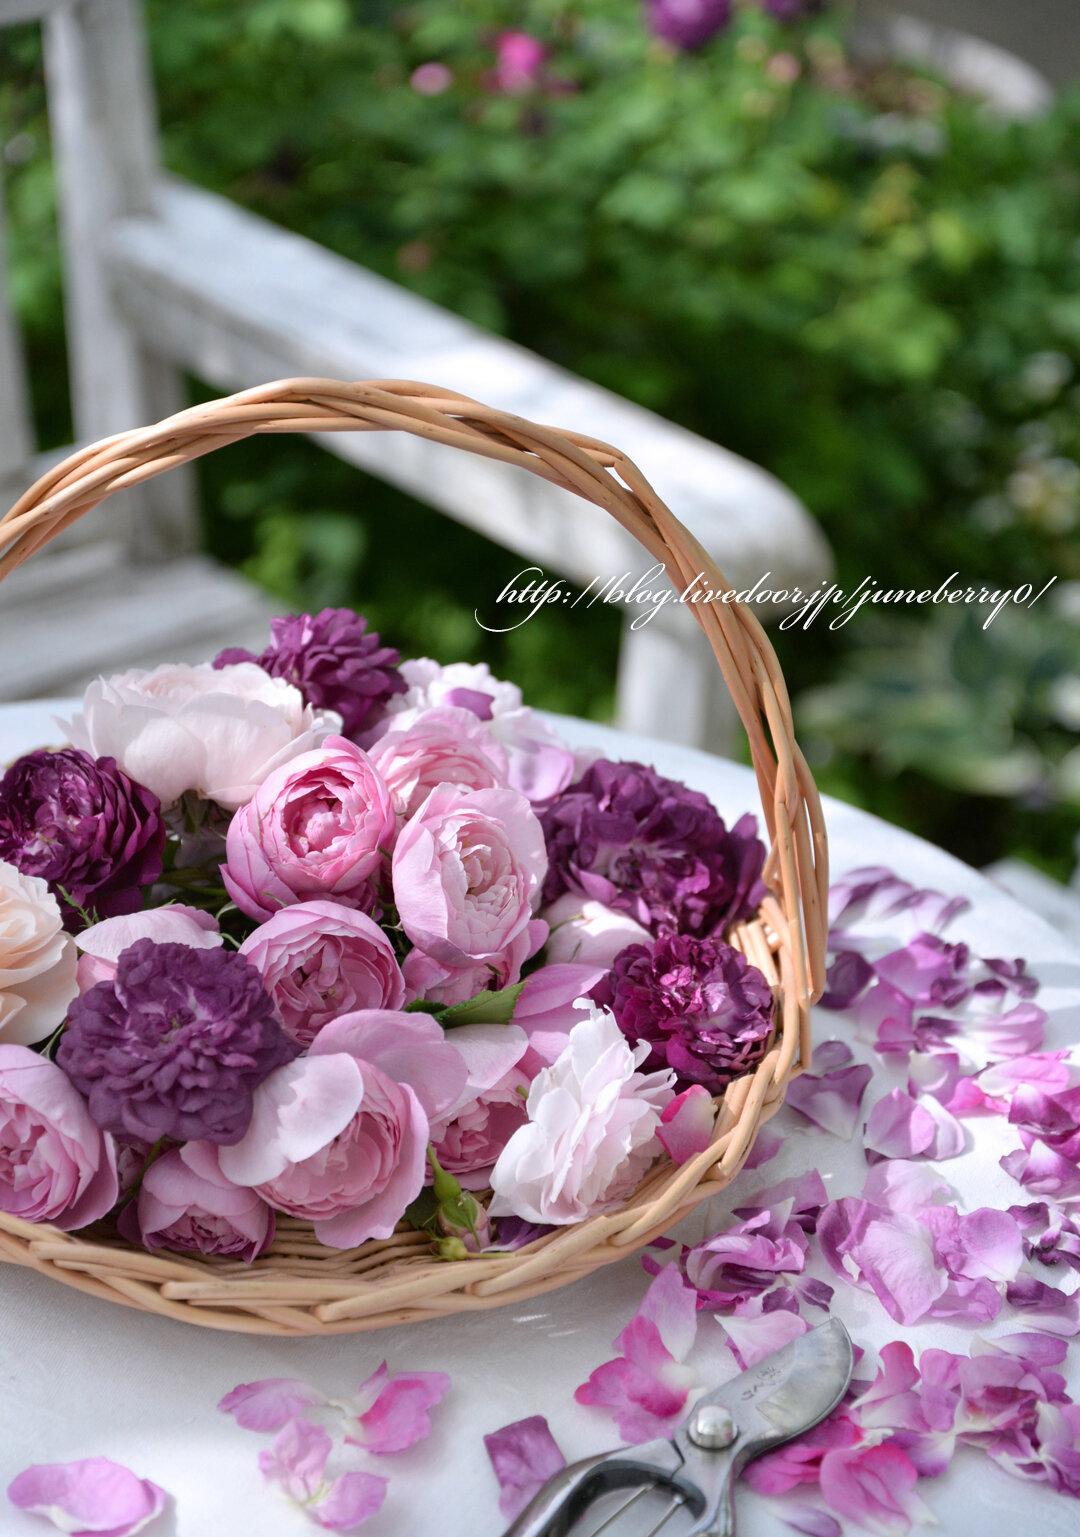 バラの花を摘んで01web